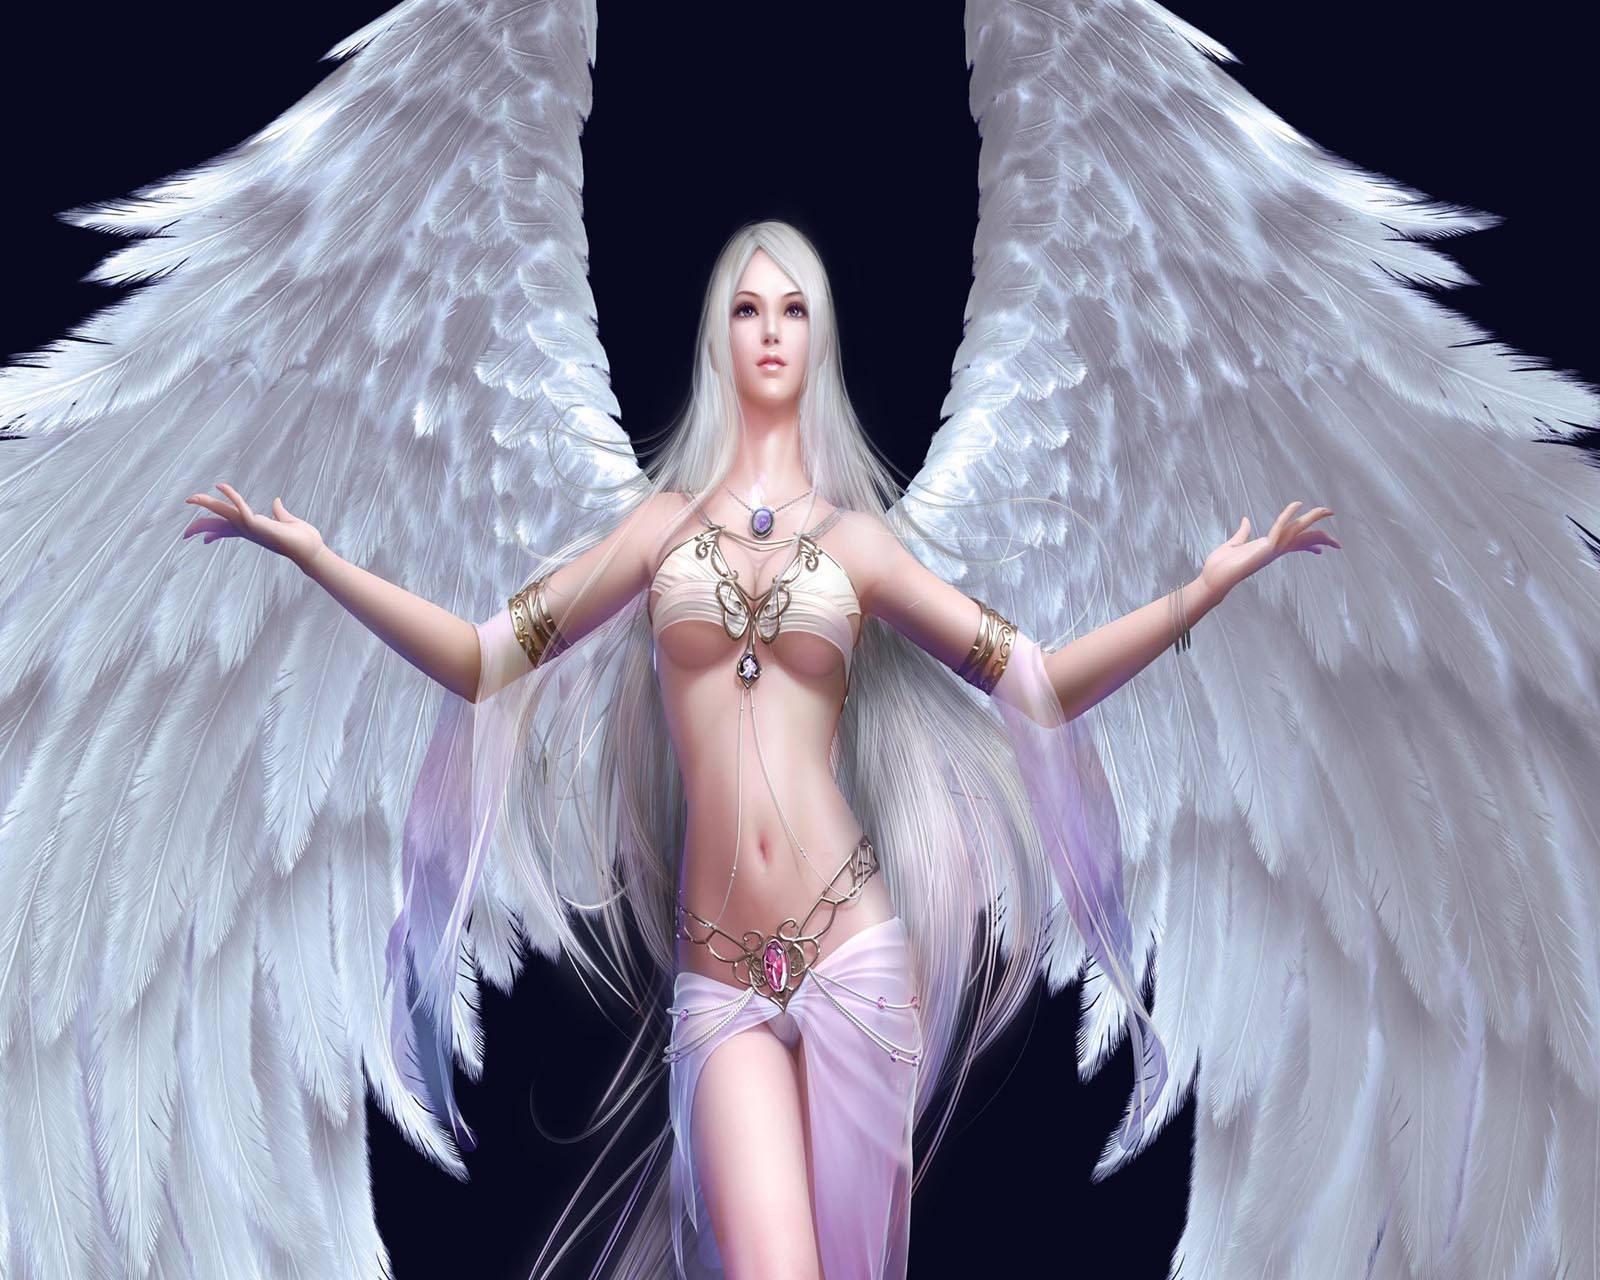 Girl white angel